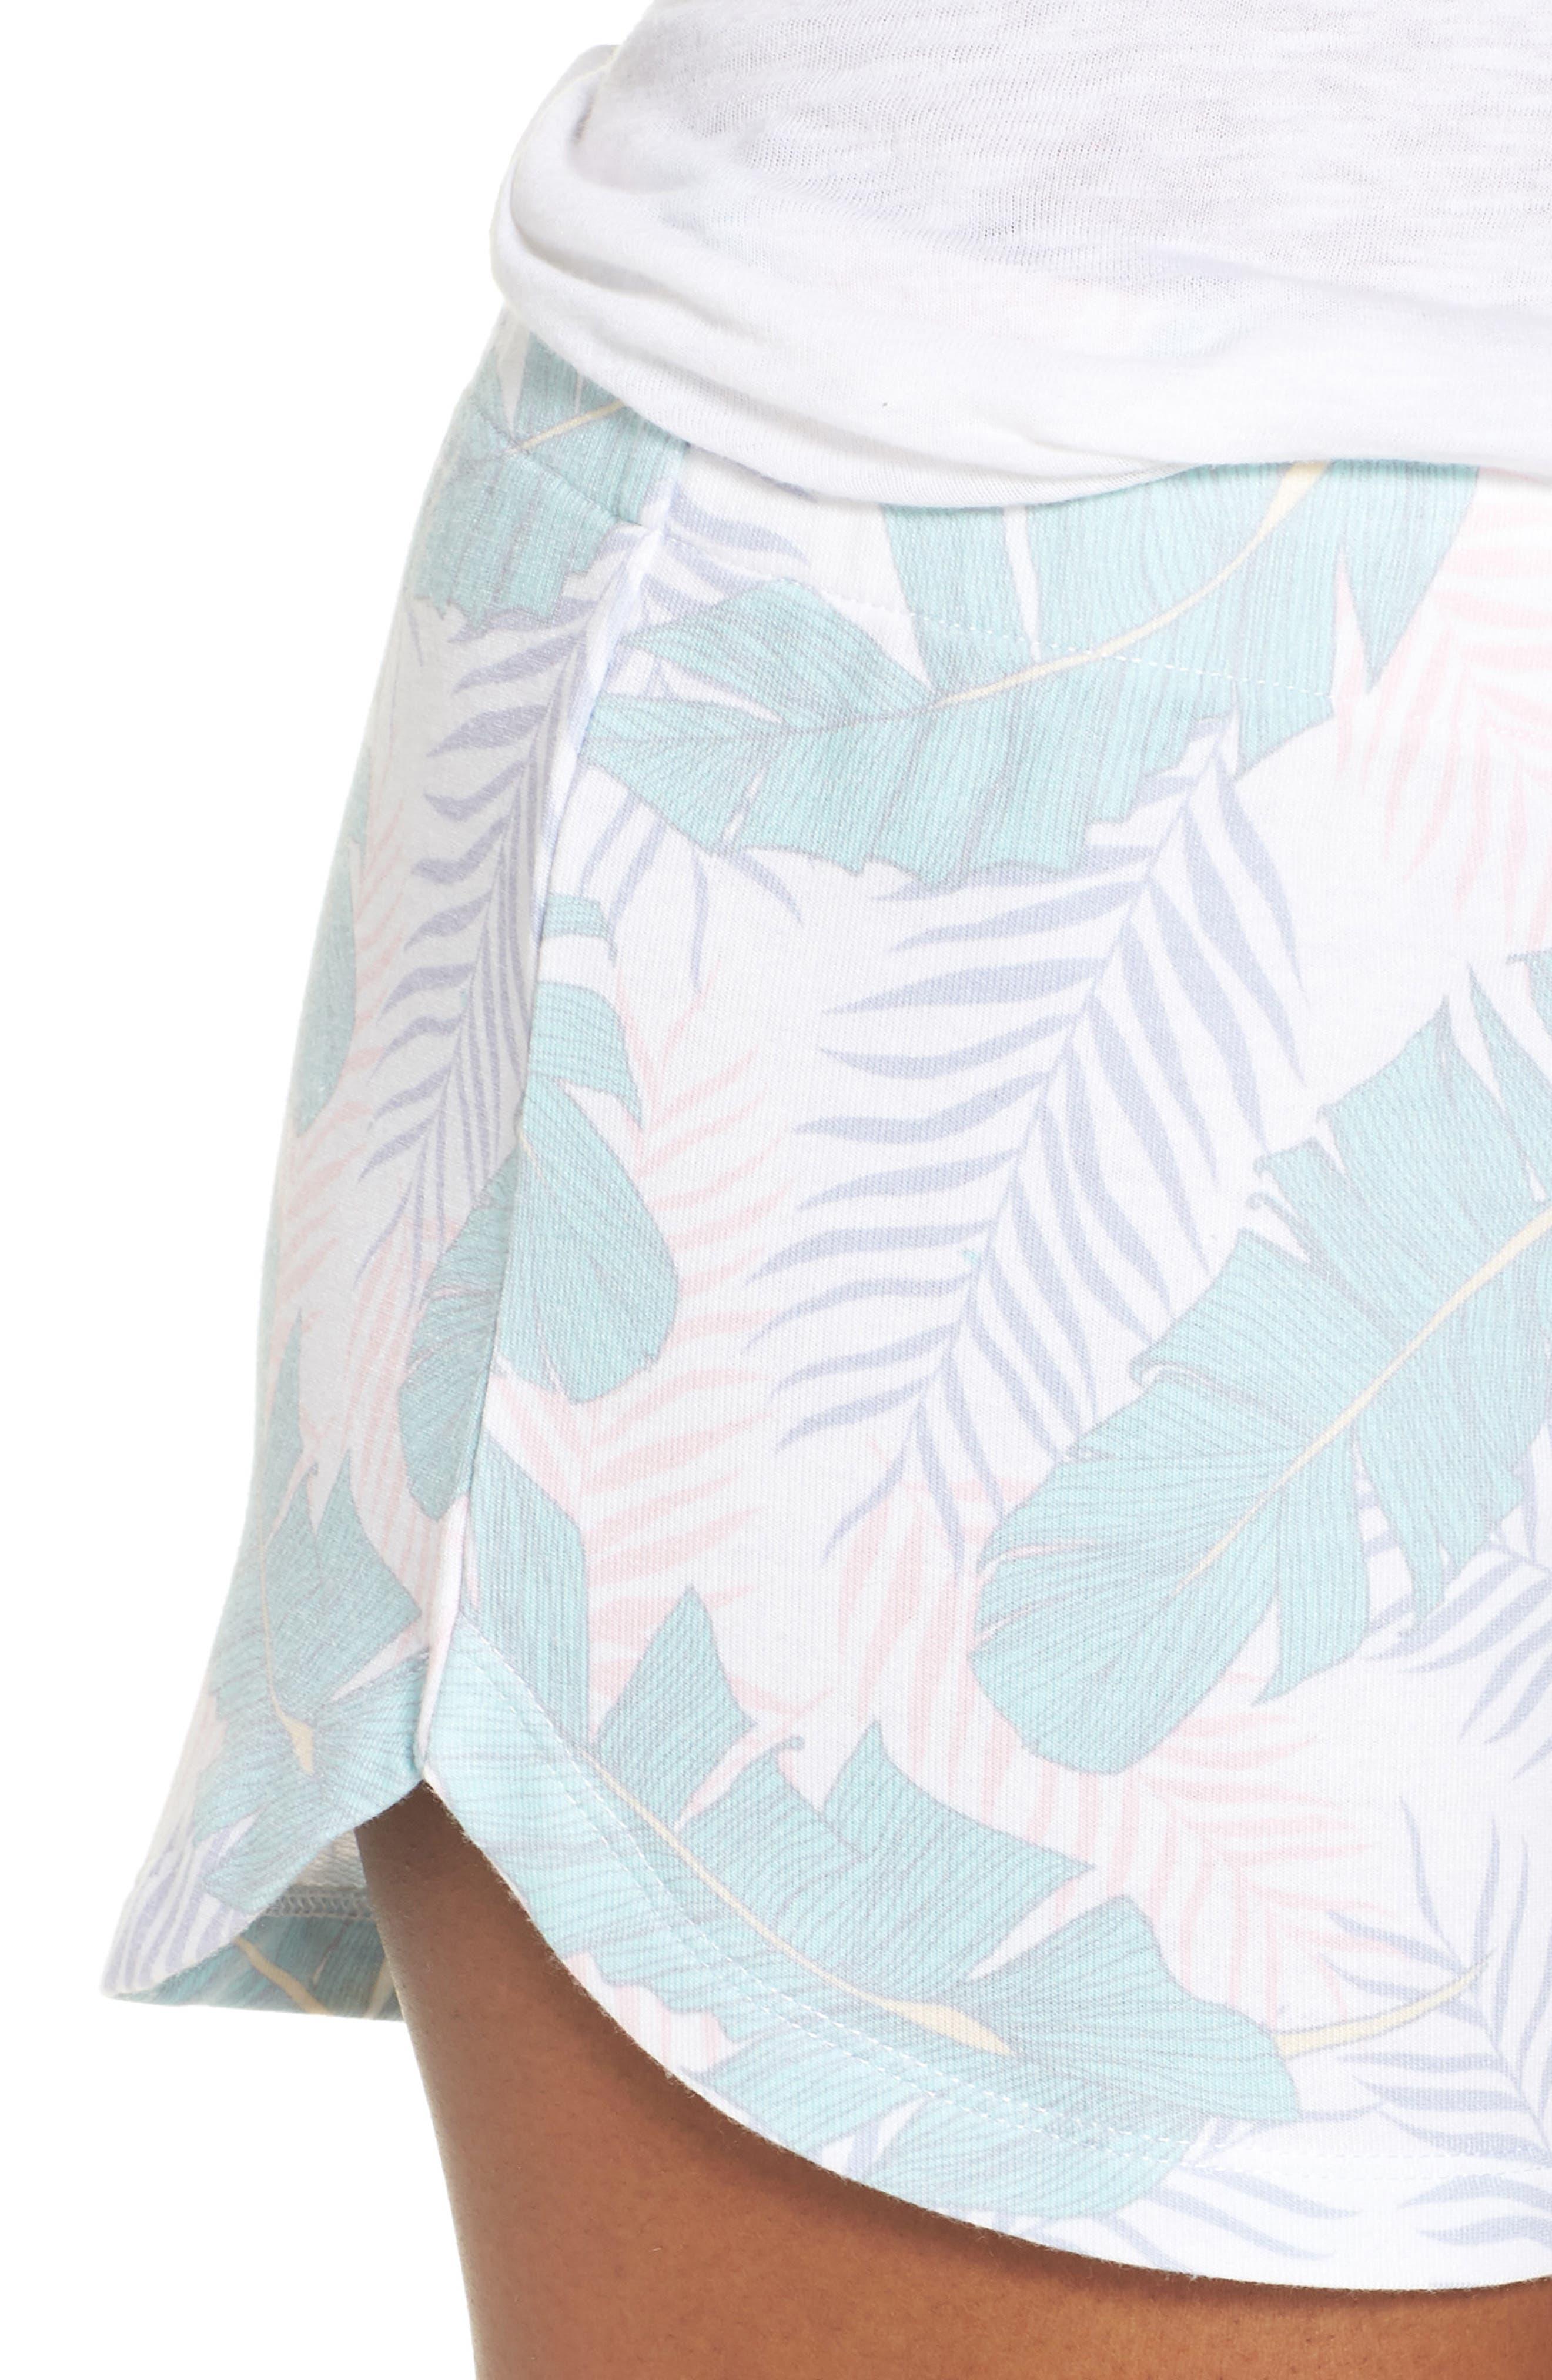 Lounge Shorts,                             Alternate thumbnail 6, color,                             White